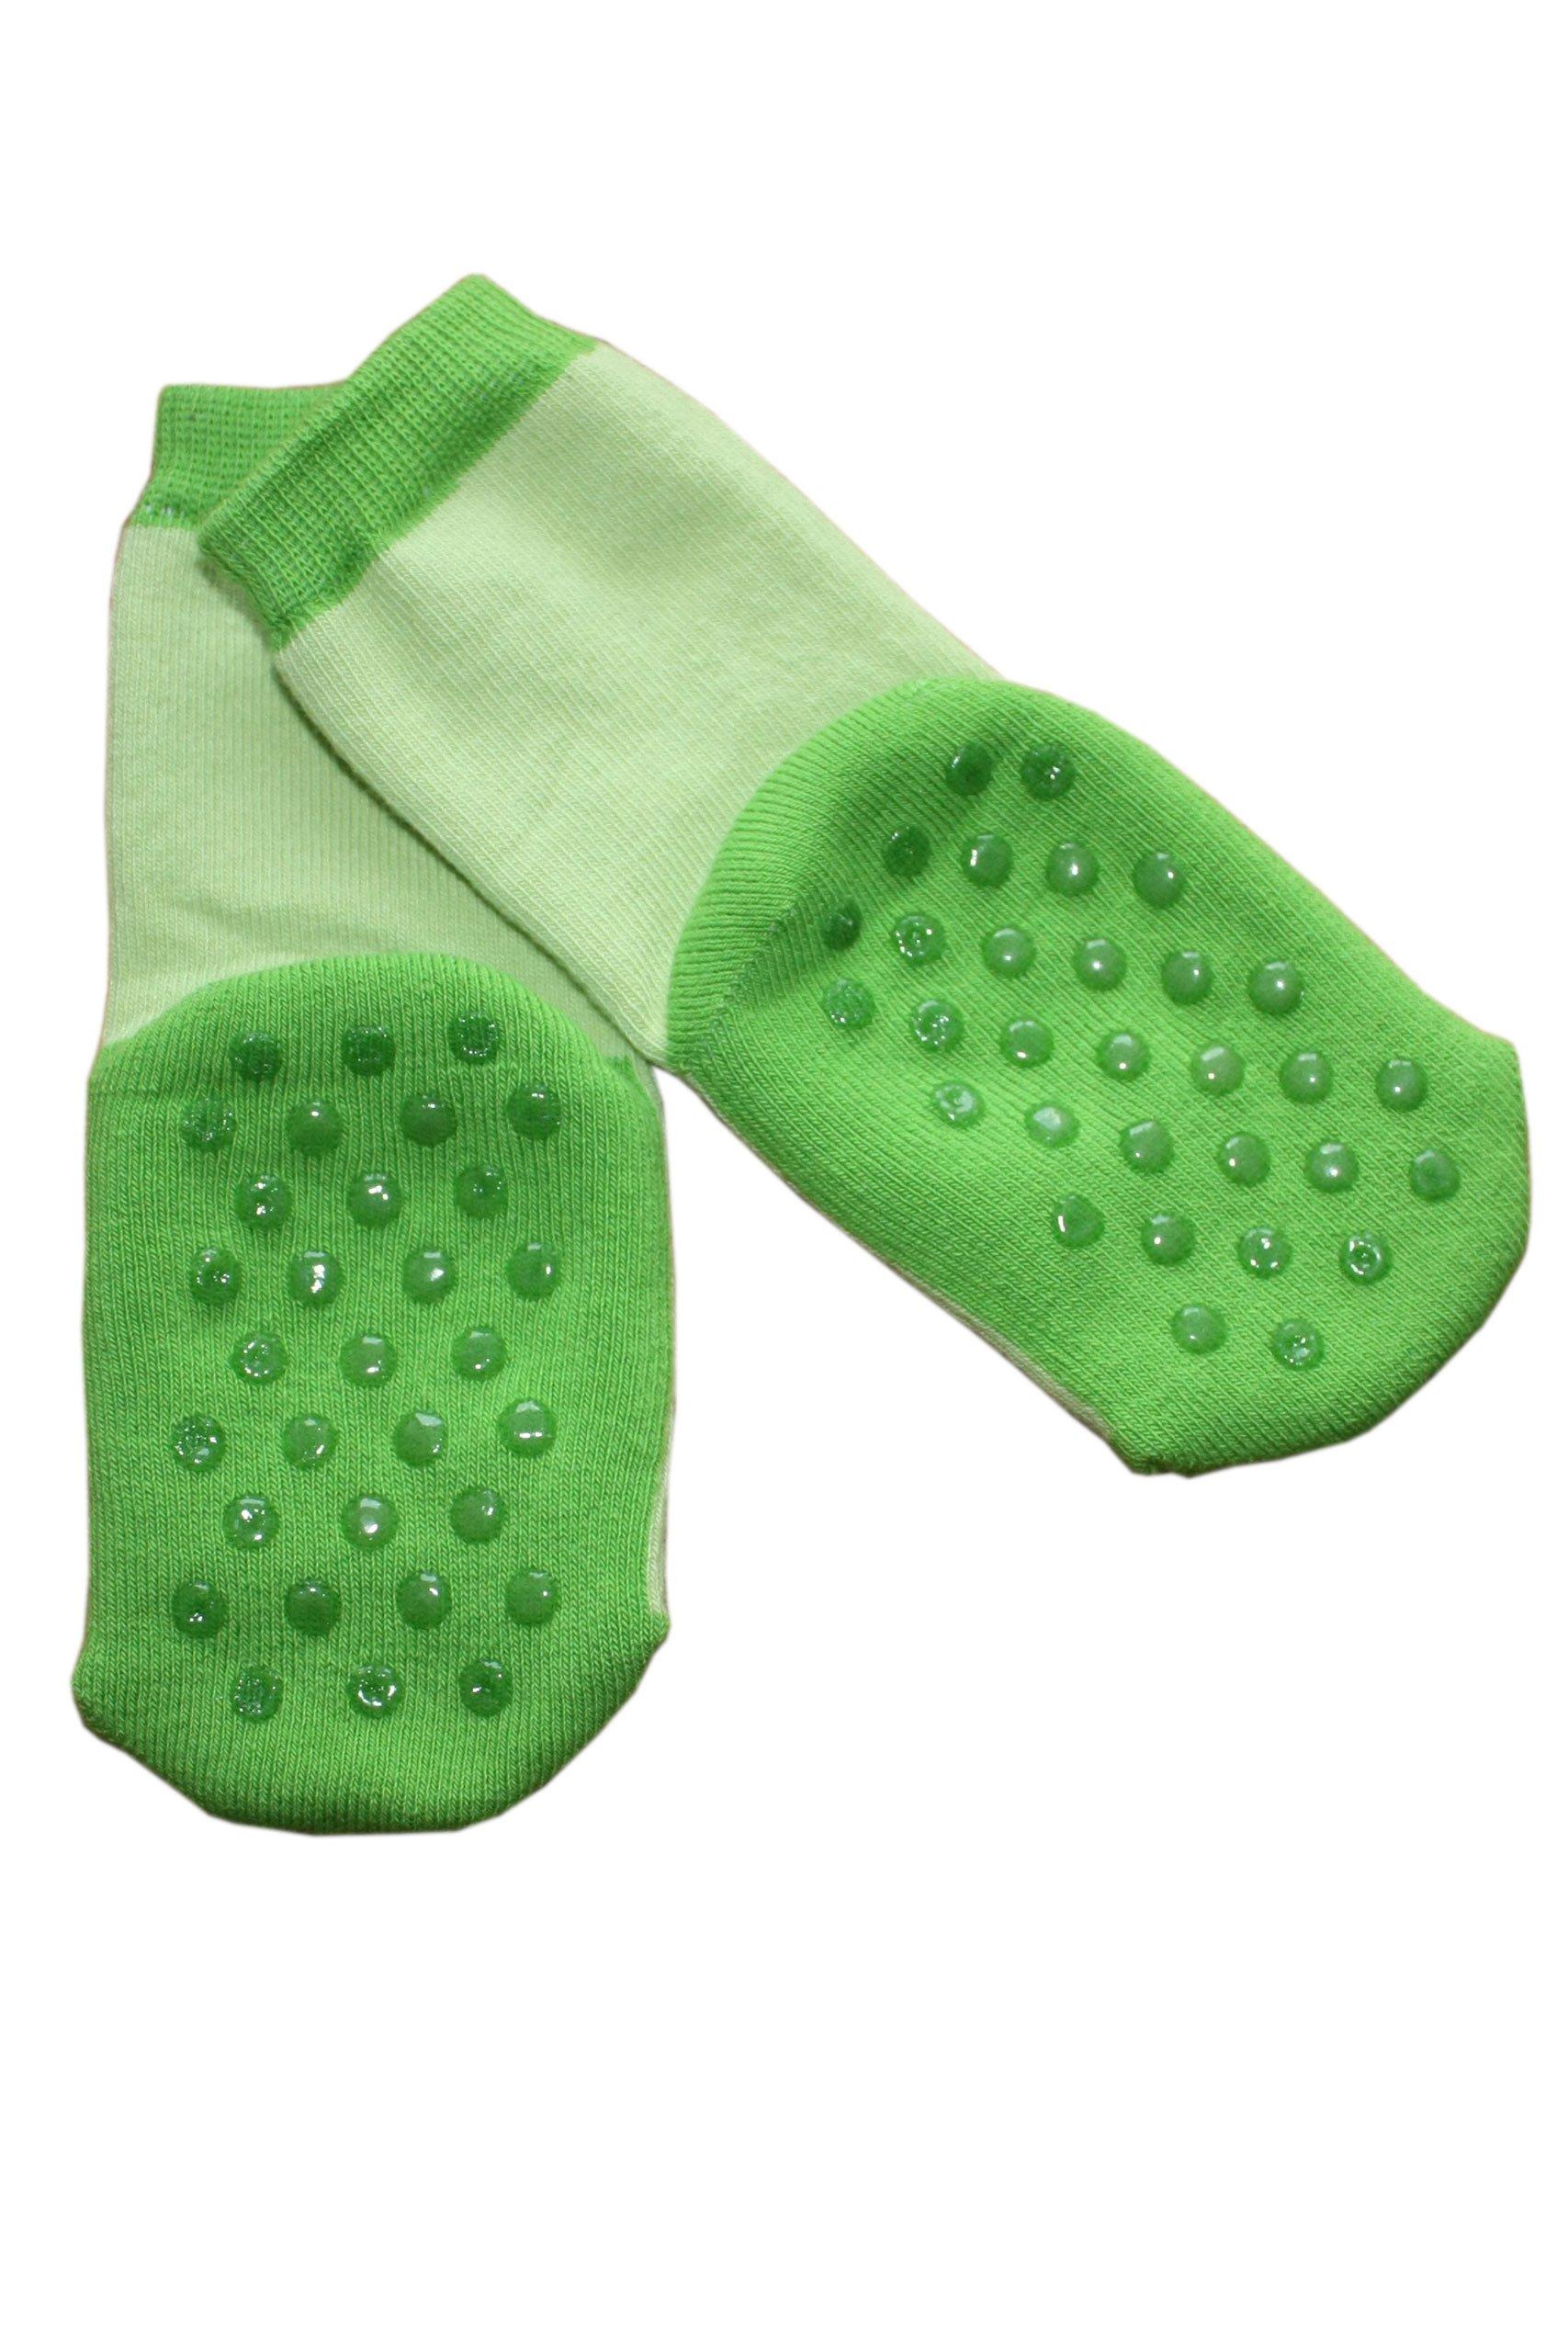 Weri Spezials ABS Pantoufle Chaussons Chaussettes Antiderapants 3-6 Mois (15-16) Vert 1